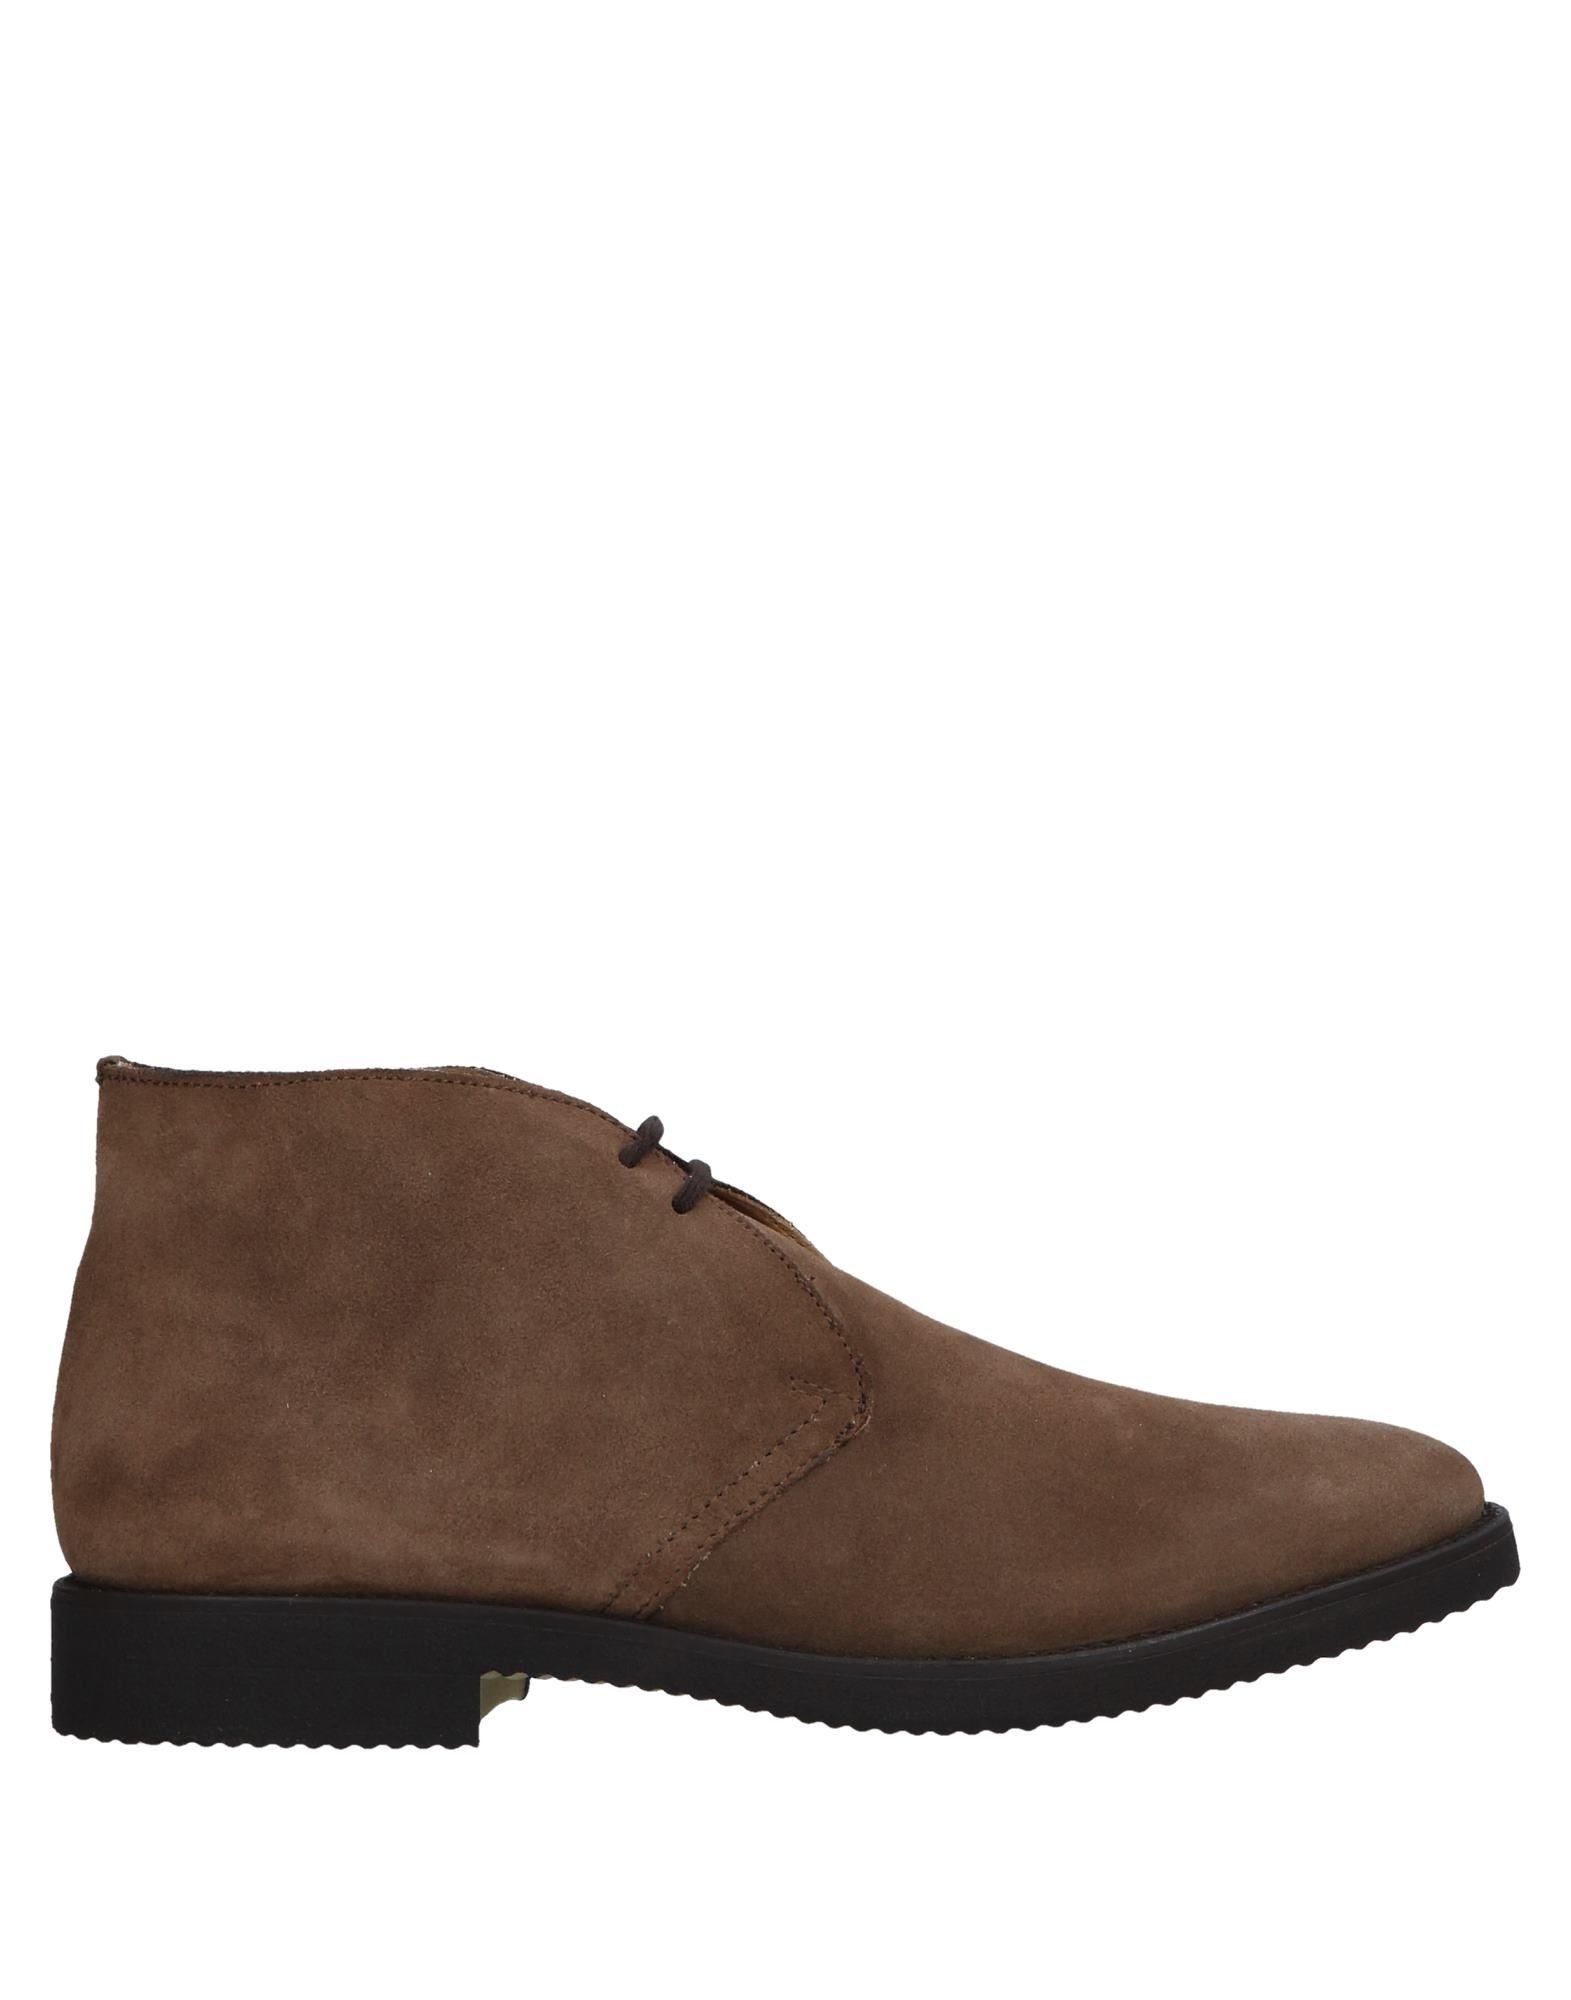 Rabatt echte Schuhe Anderson Stiefelette Herren  11521595GS